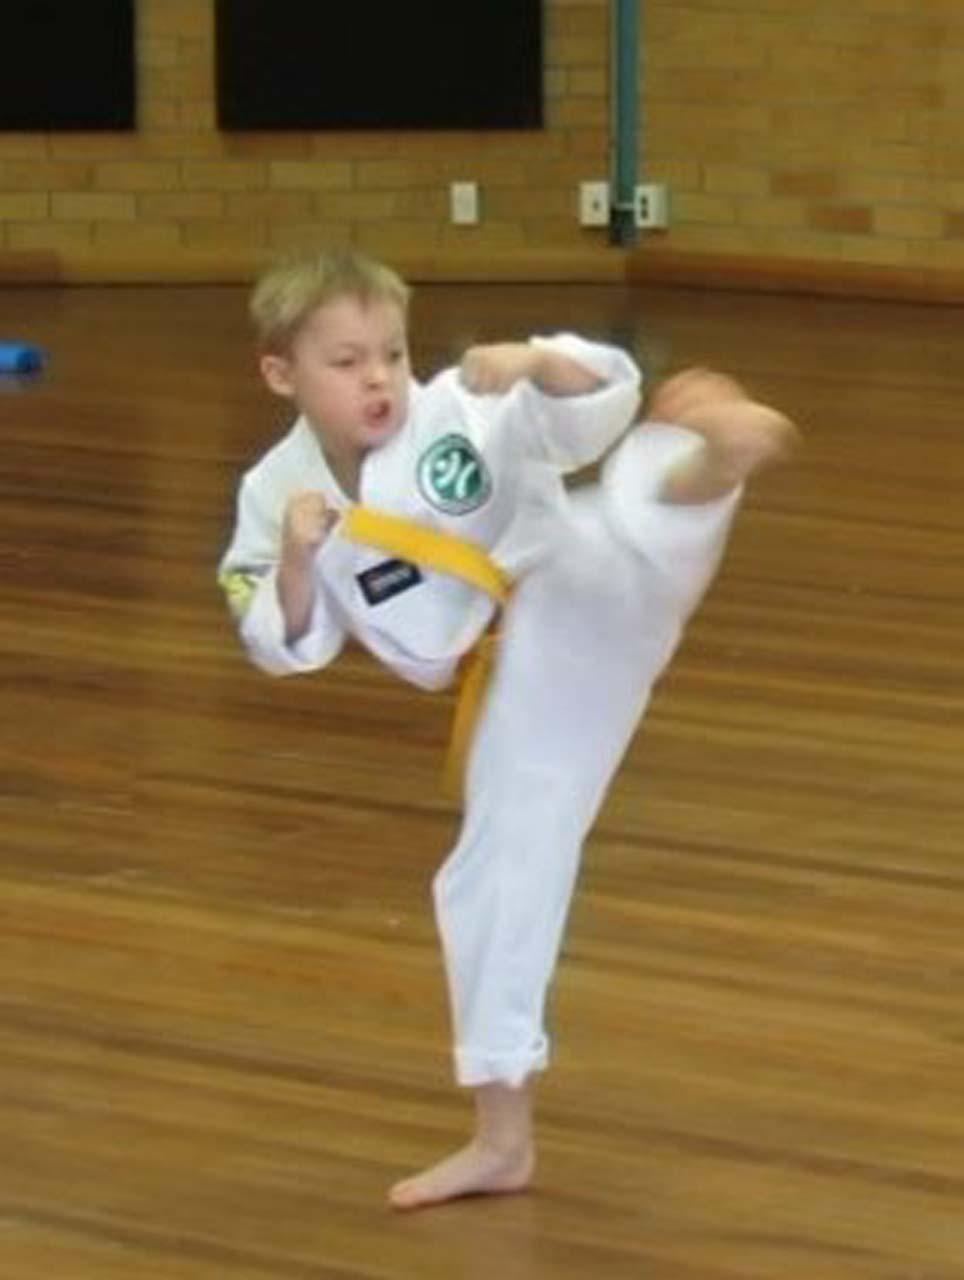 A young student of taekwondo practices a high kick at Tamworth Martial Arts